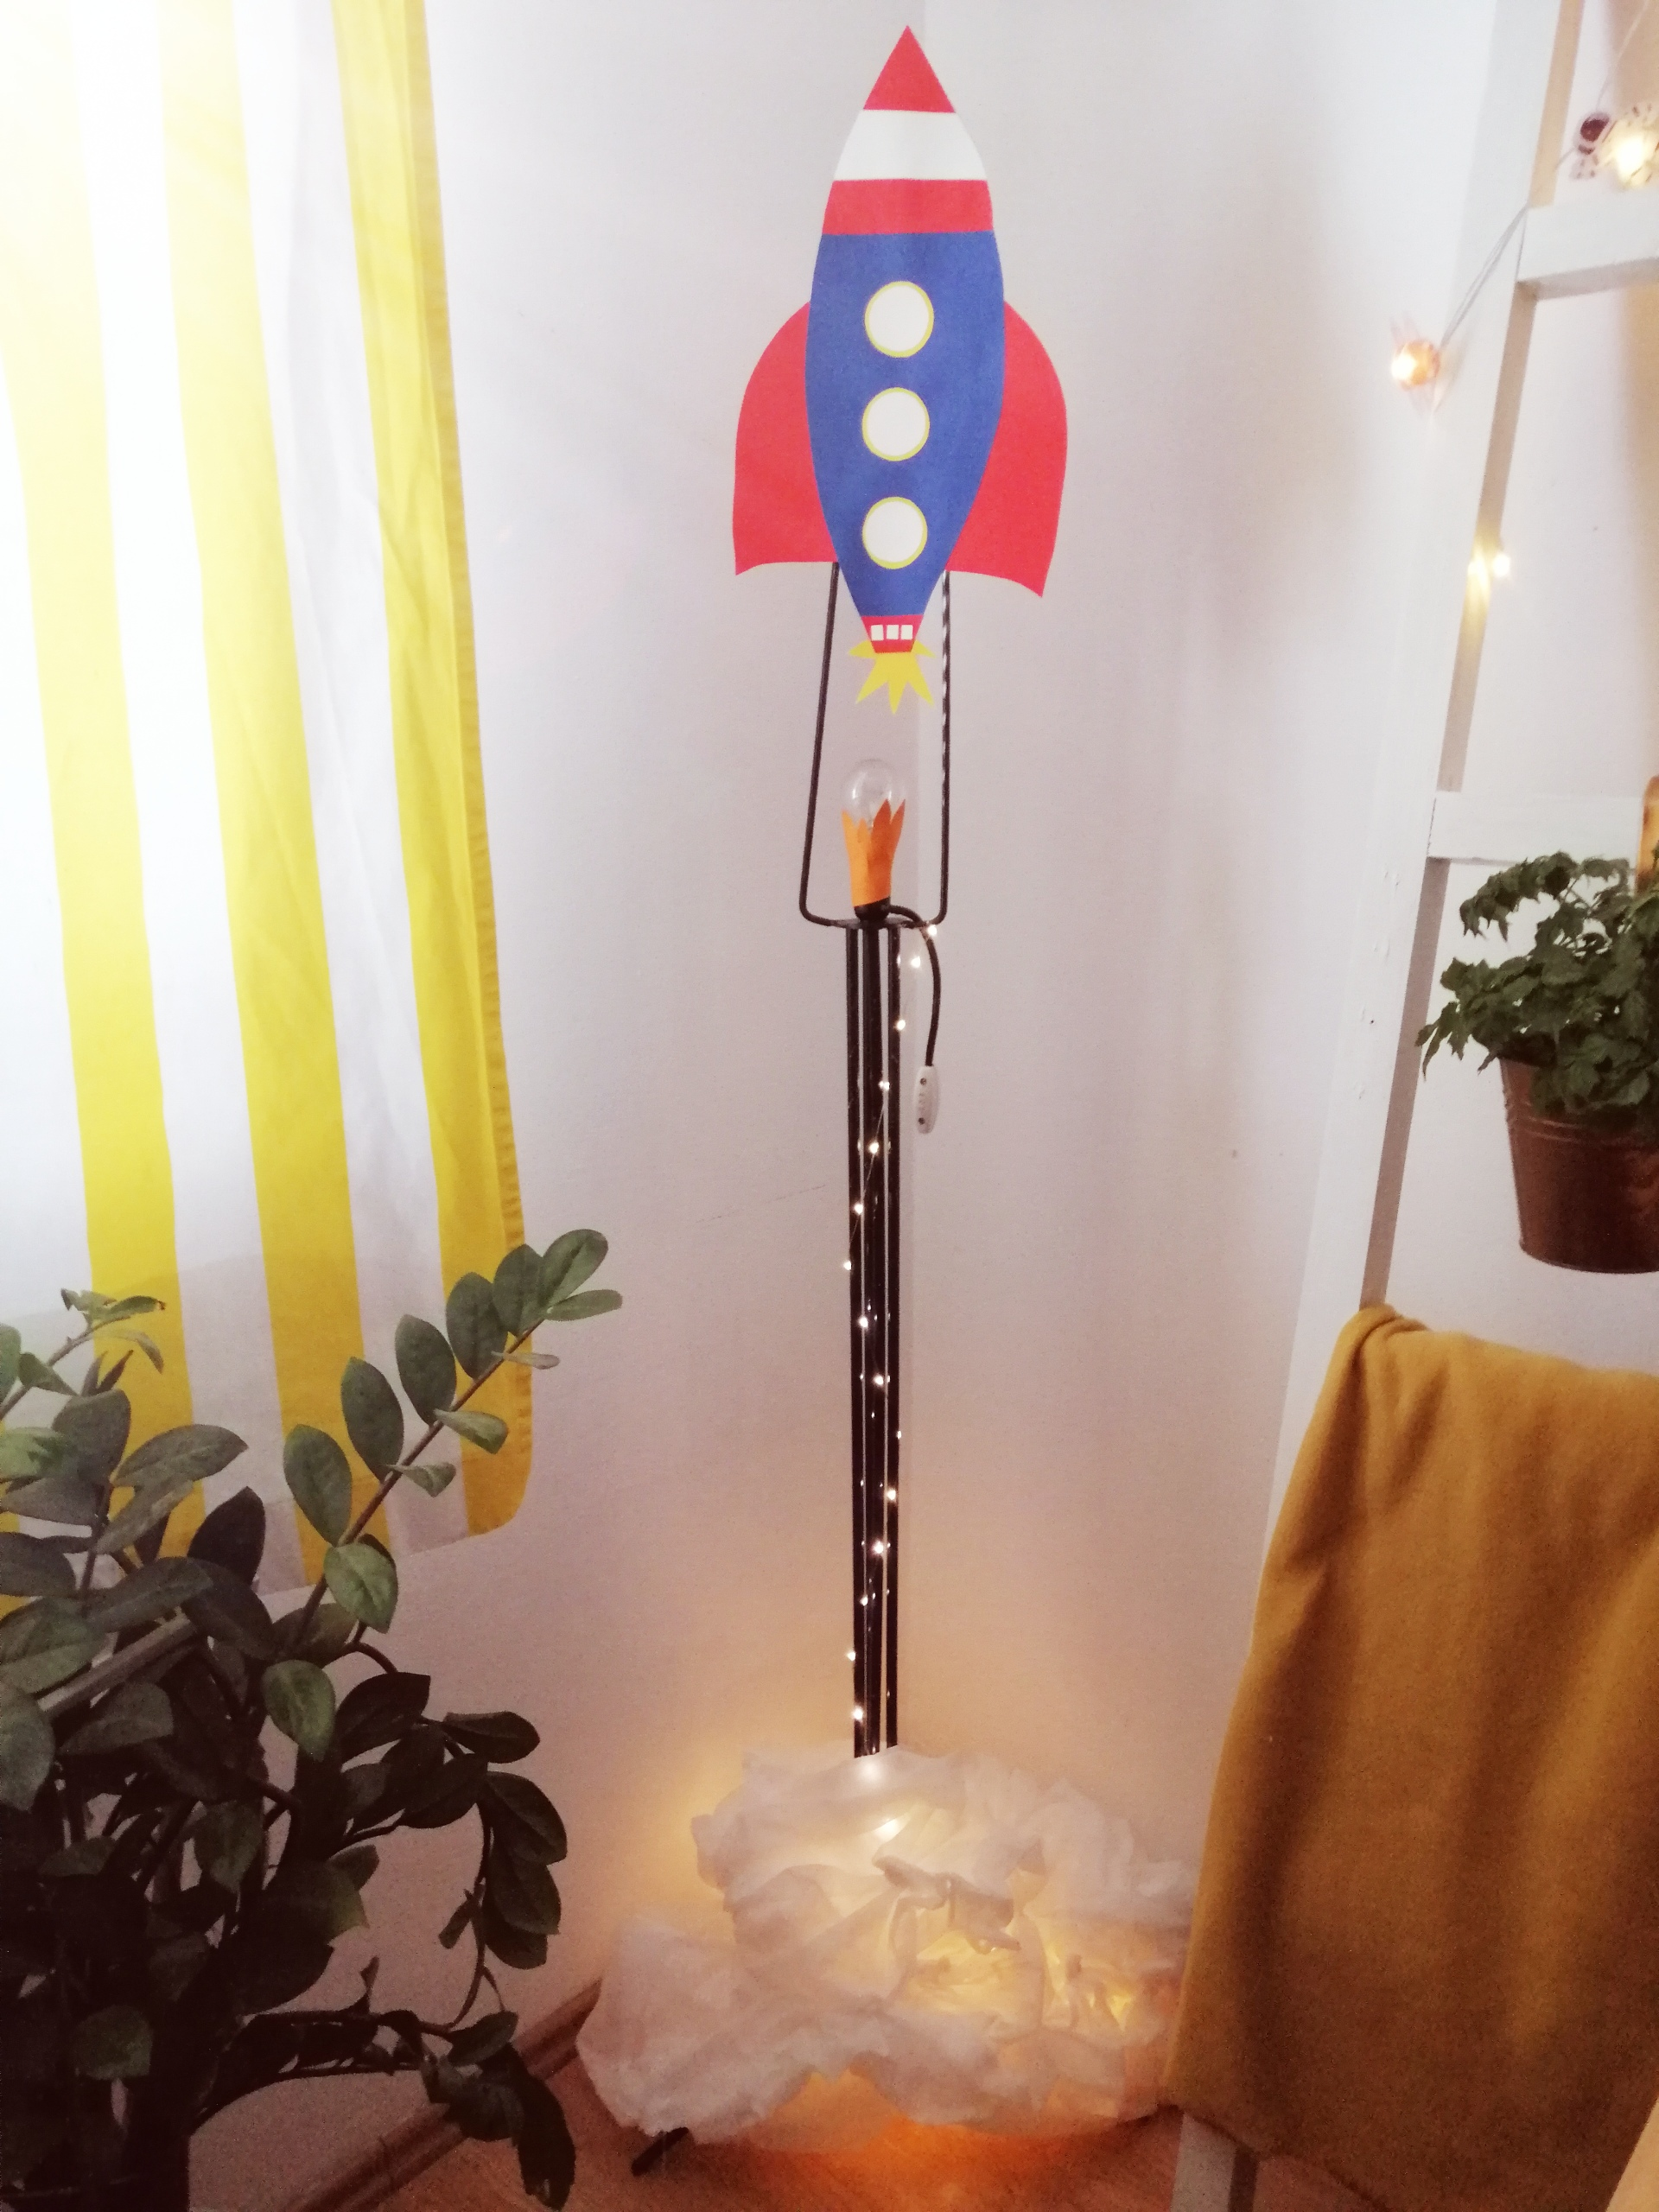 DIY Kako staru lampu pretvoriti u atraktivnu lampu -raketu?